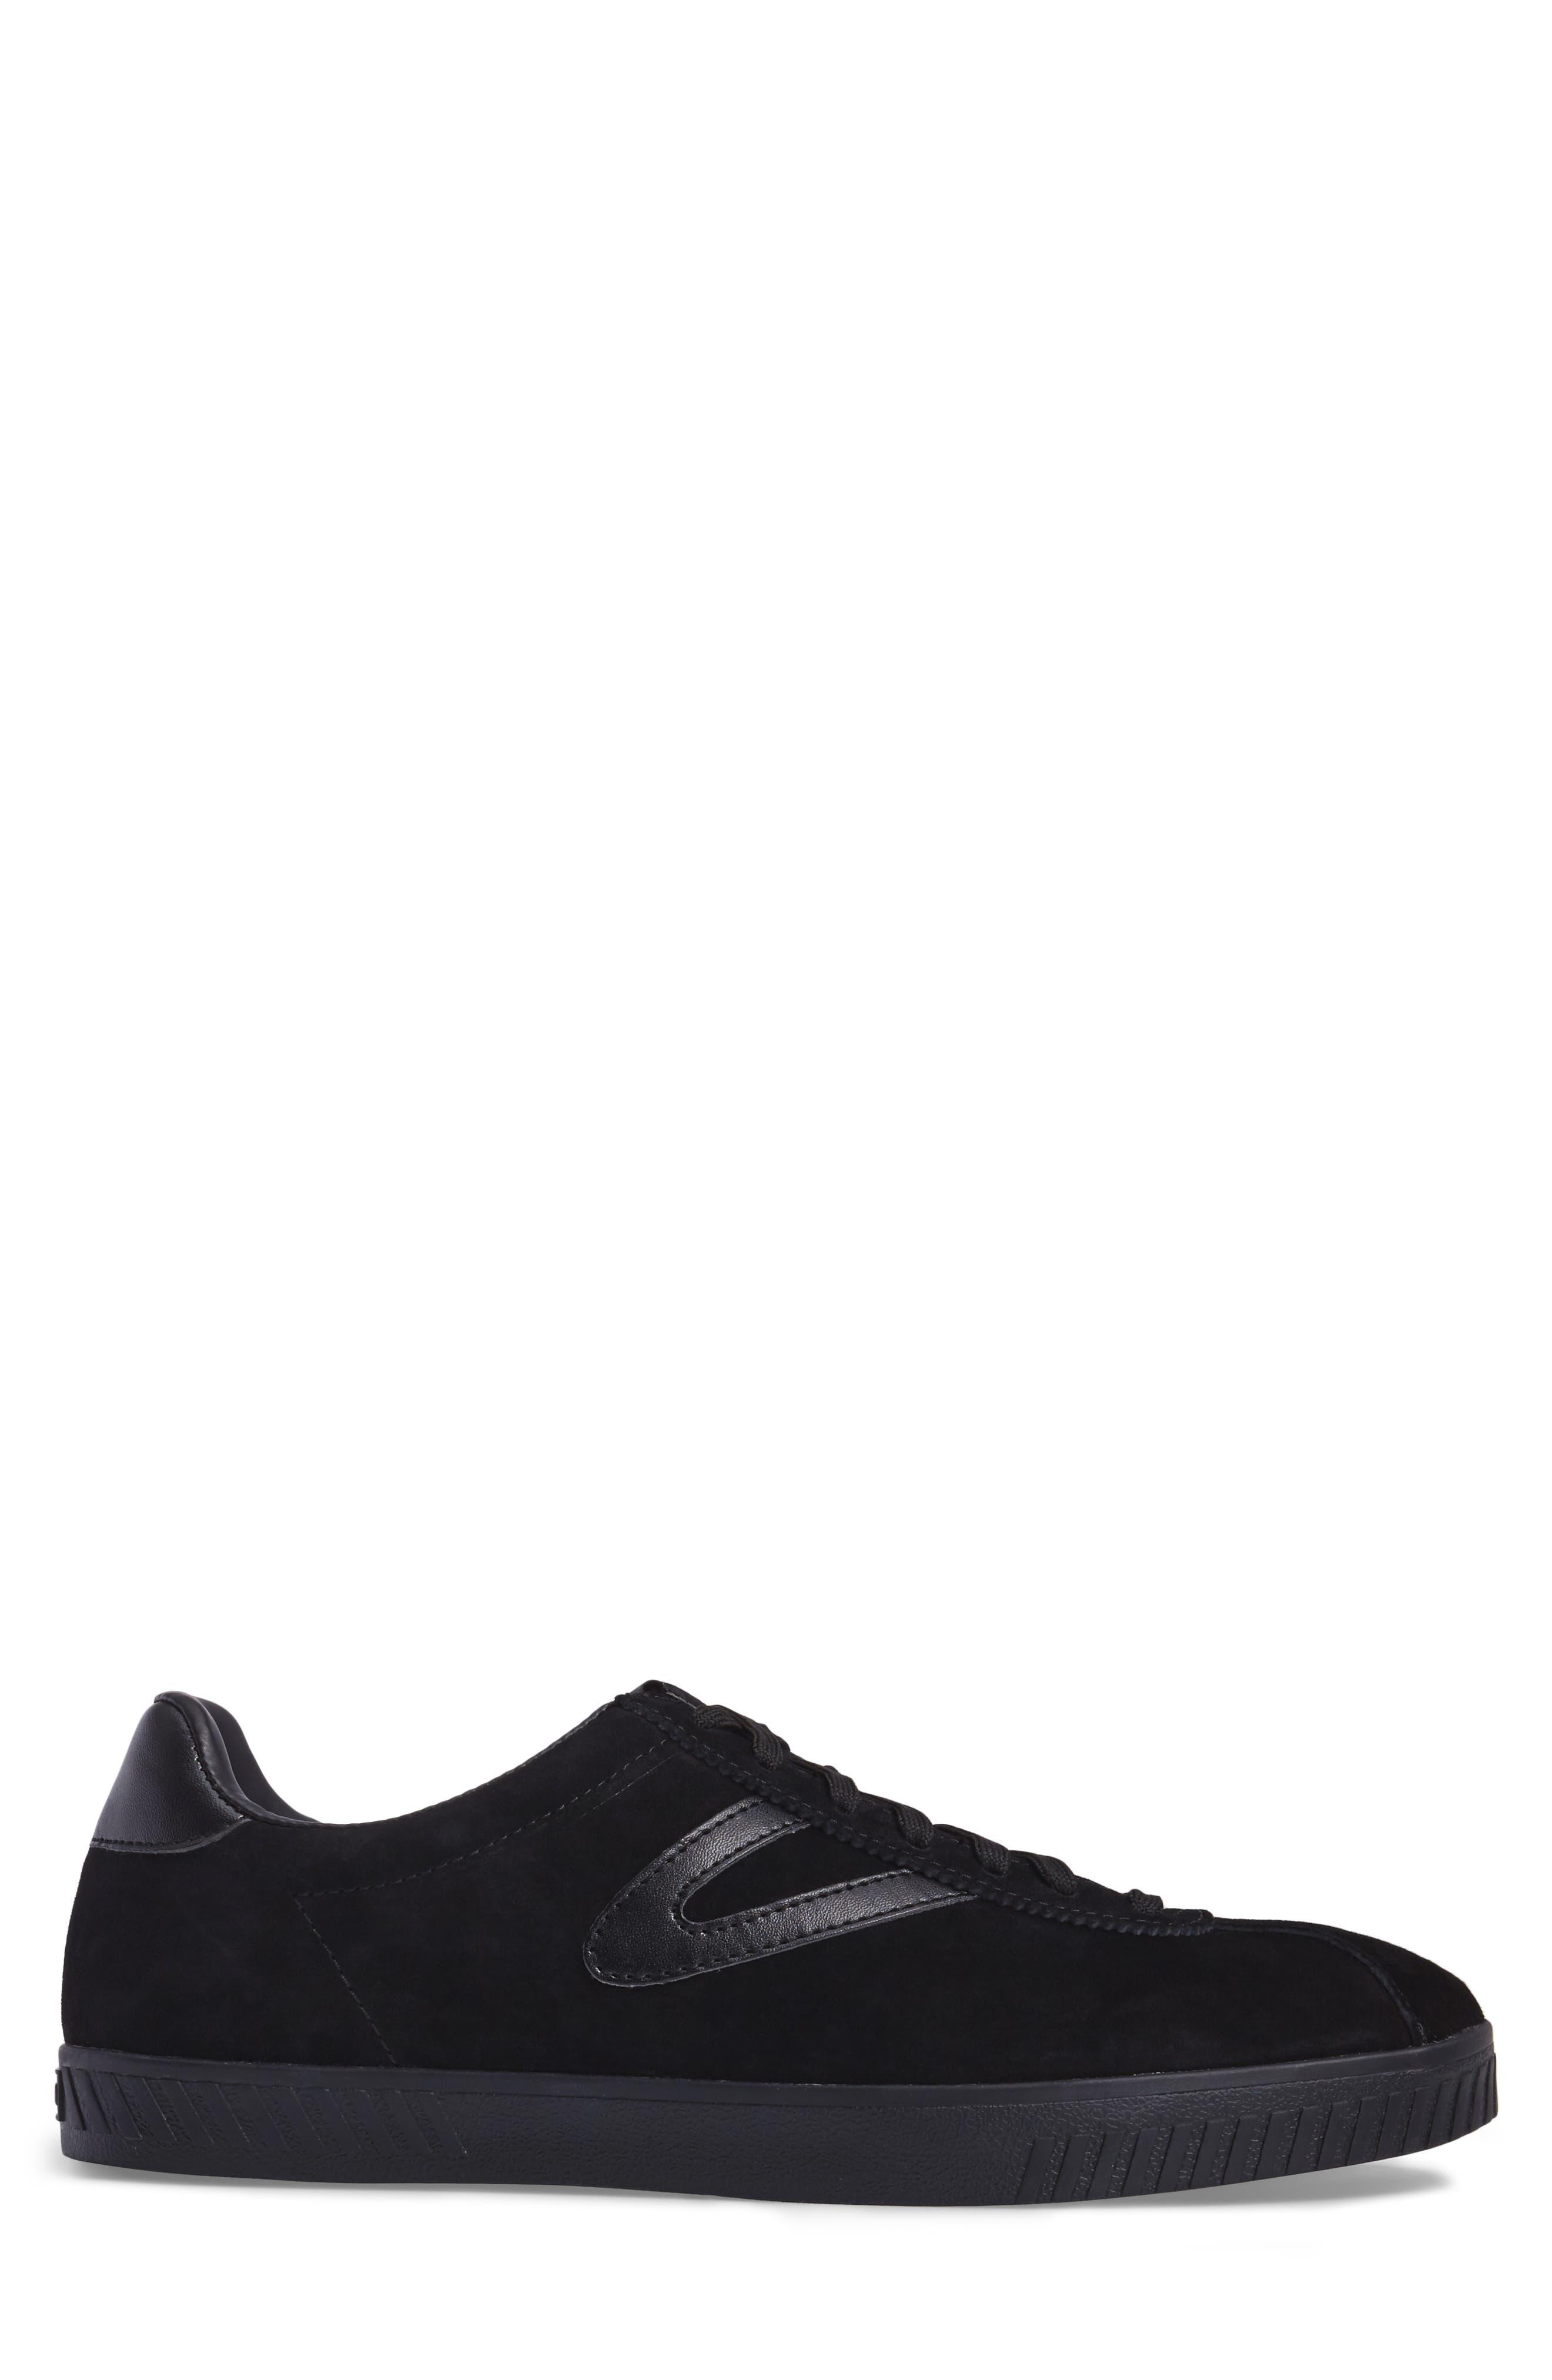 Camden 3 Sneaker,                             Alternate thumbnail 3, color,                             001